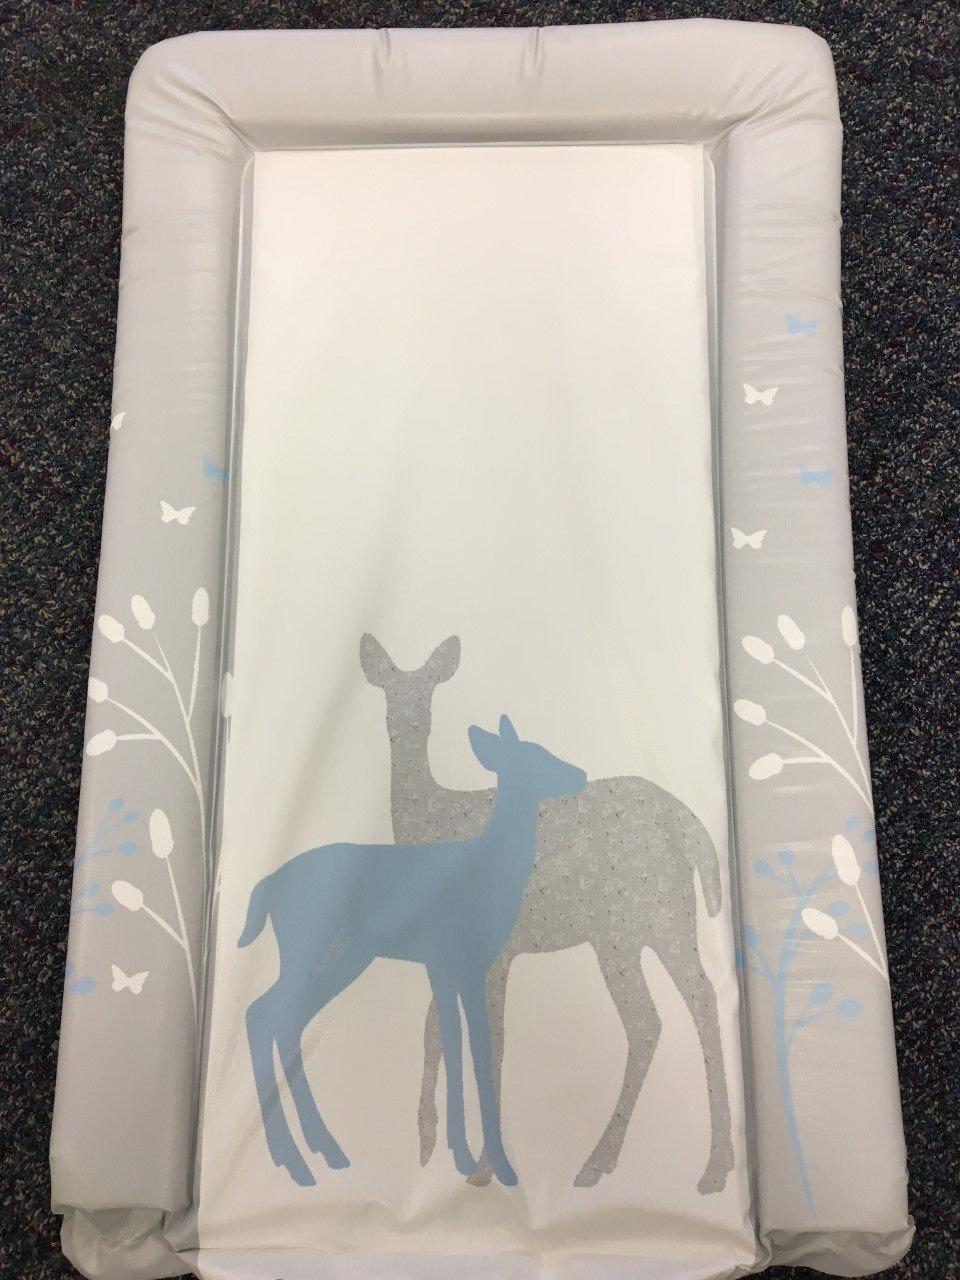 Cambiador unisex para bebé impermeable con bordes doblados, diseño único en azul con bosque y ciervo babieswithlove